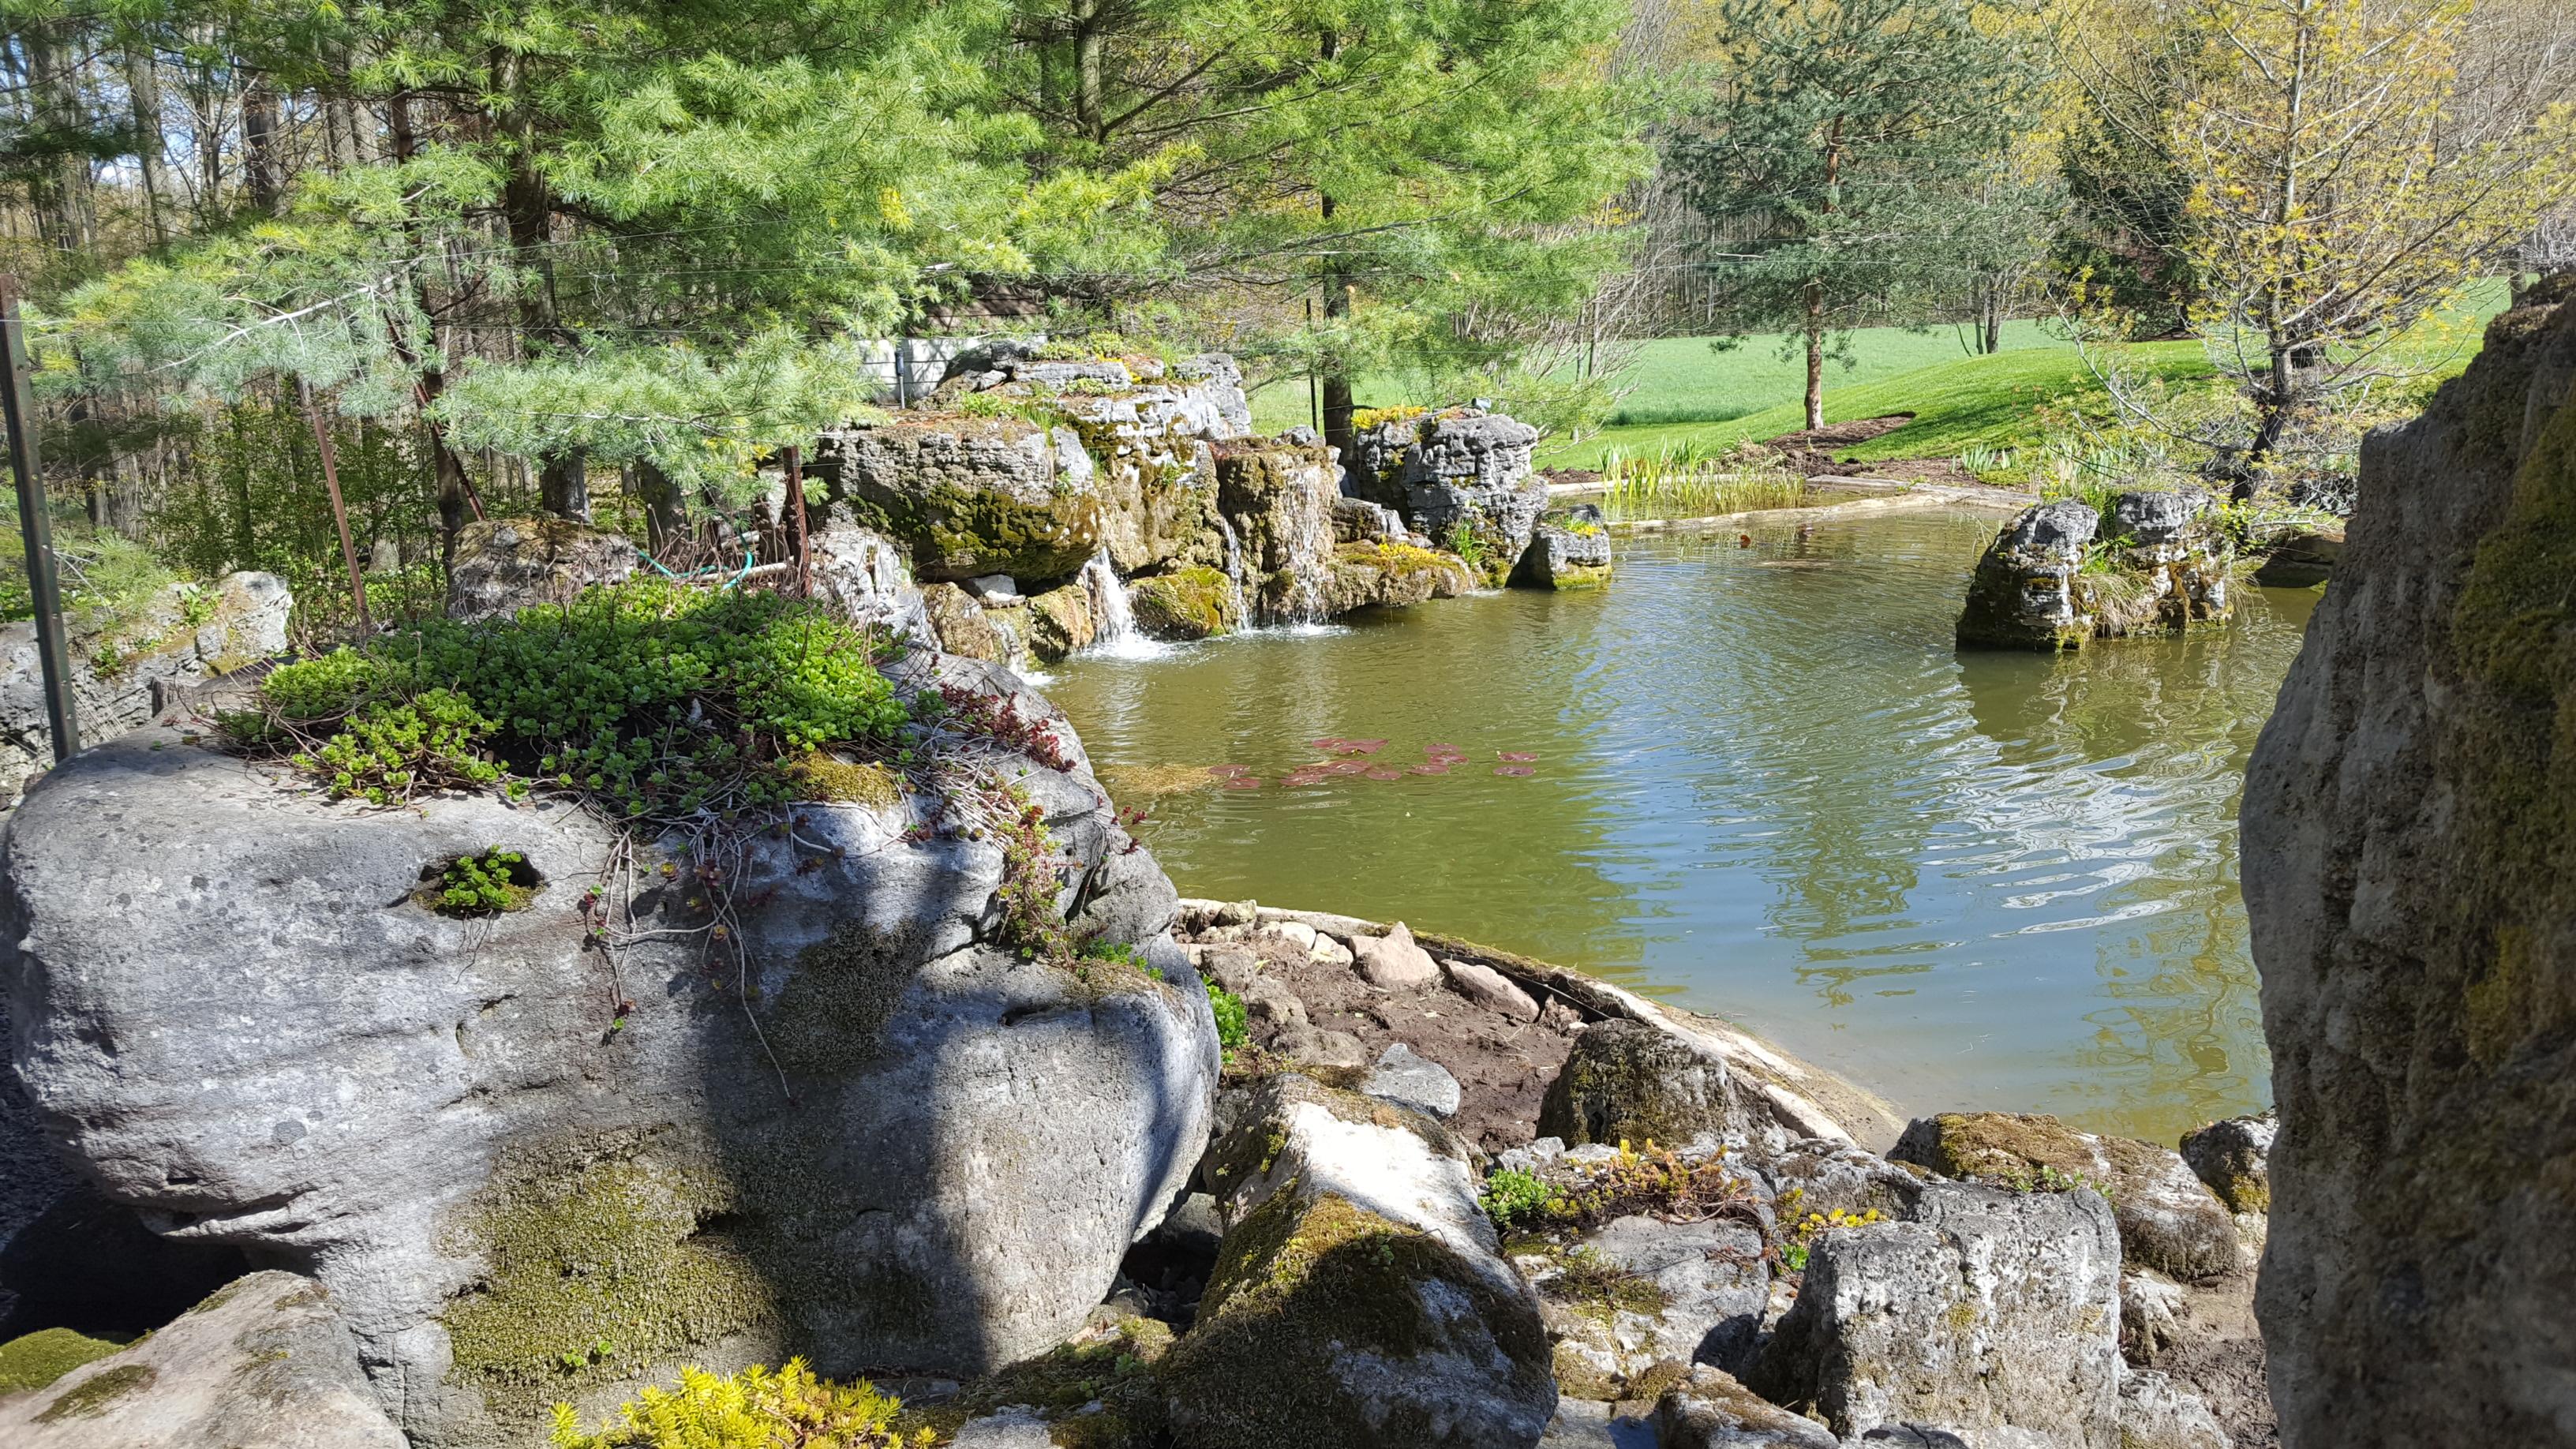 Ontario's nicest pond